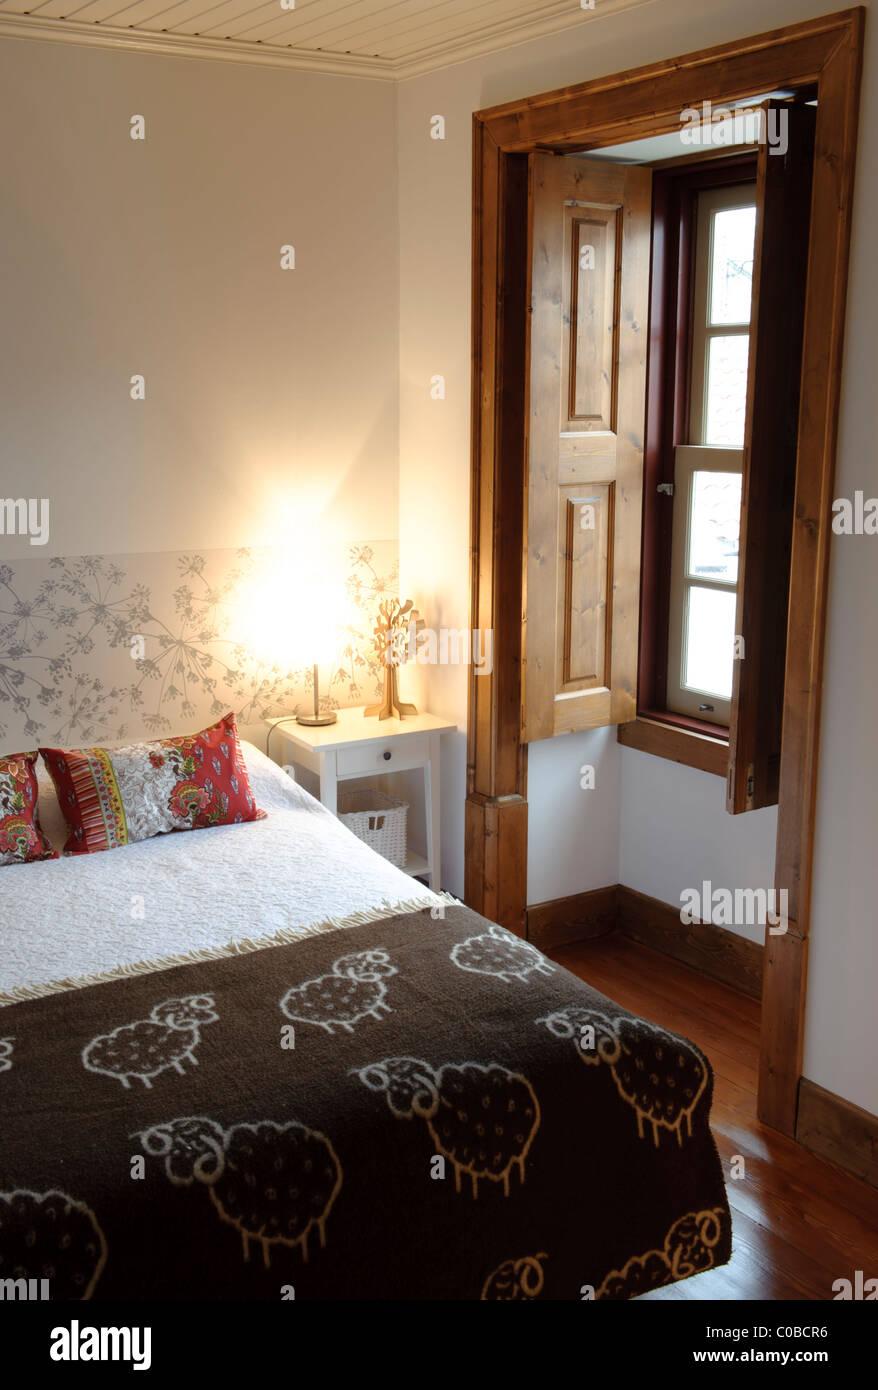 Dimensioni Finestre Camera Da Letto camera da letto matrimoniale con finestra di grandi